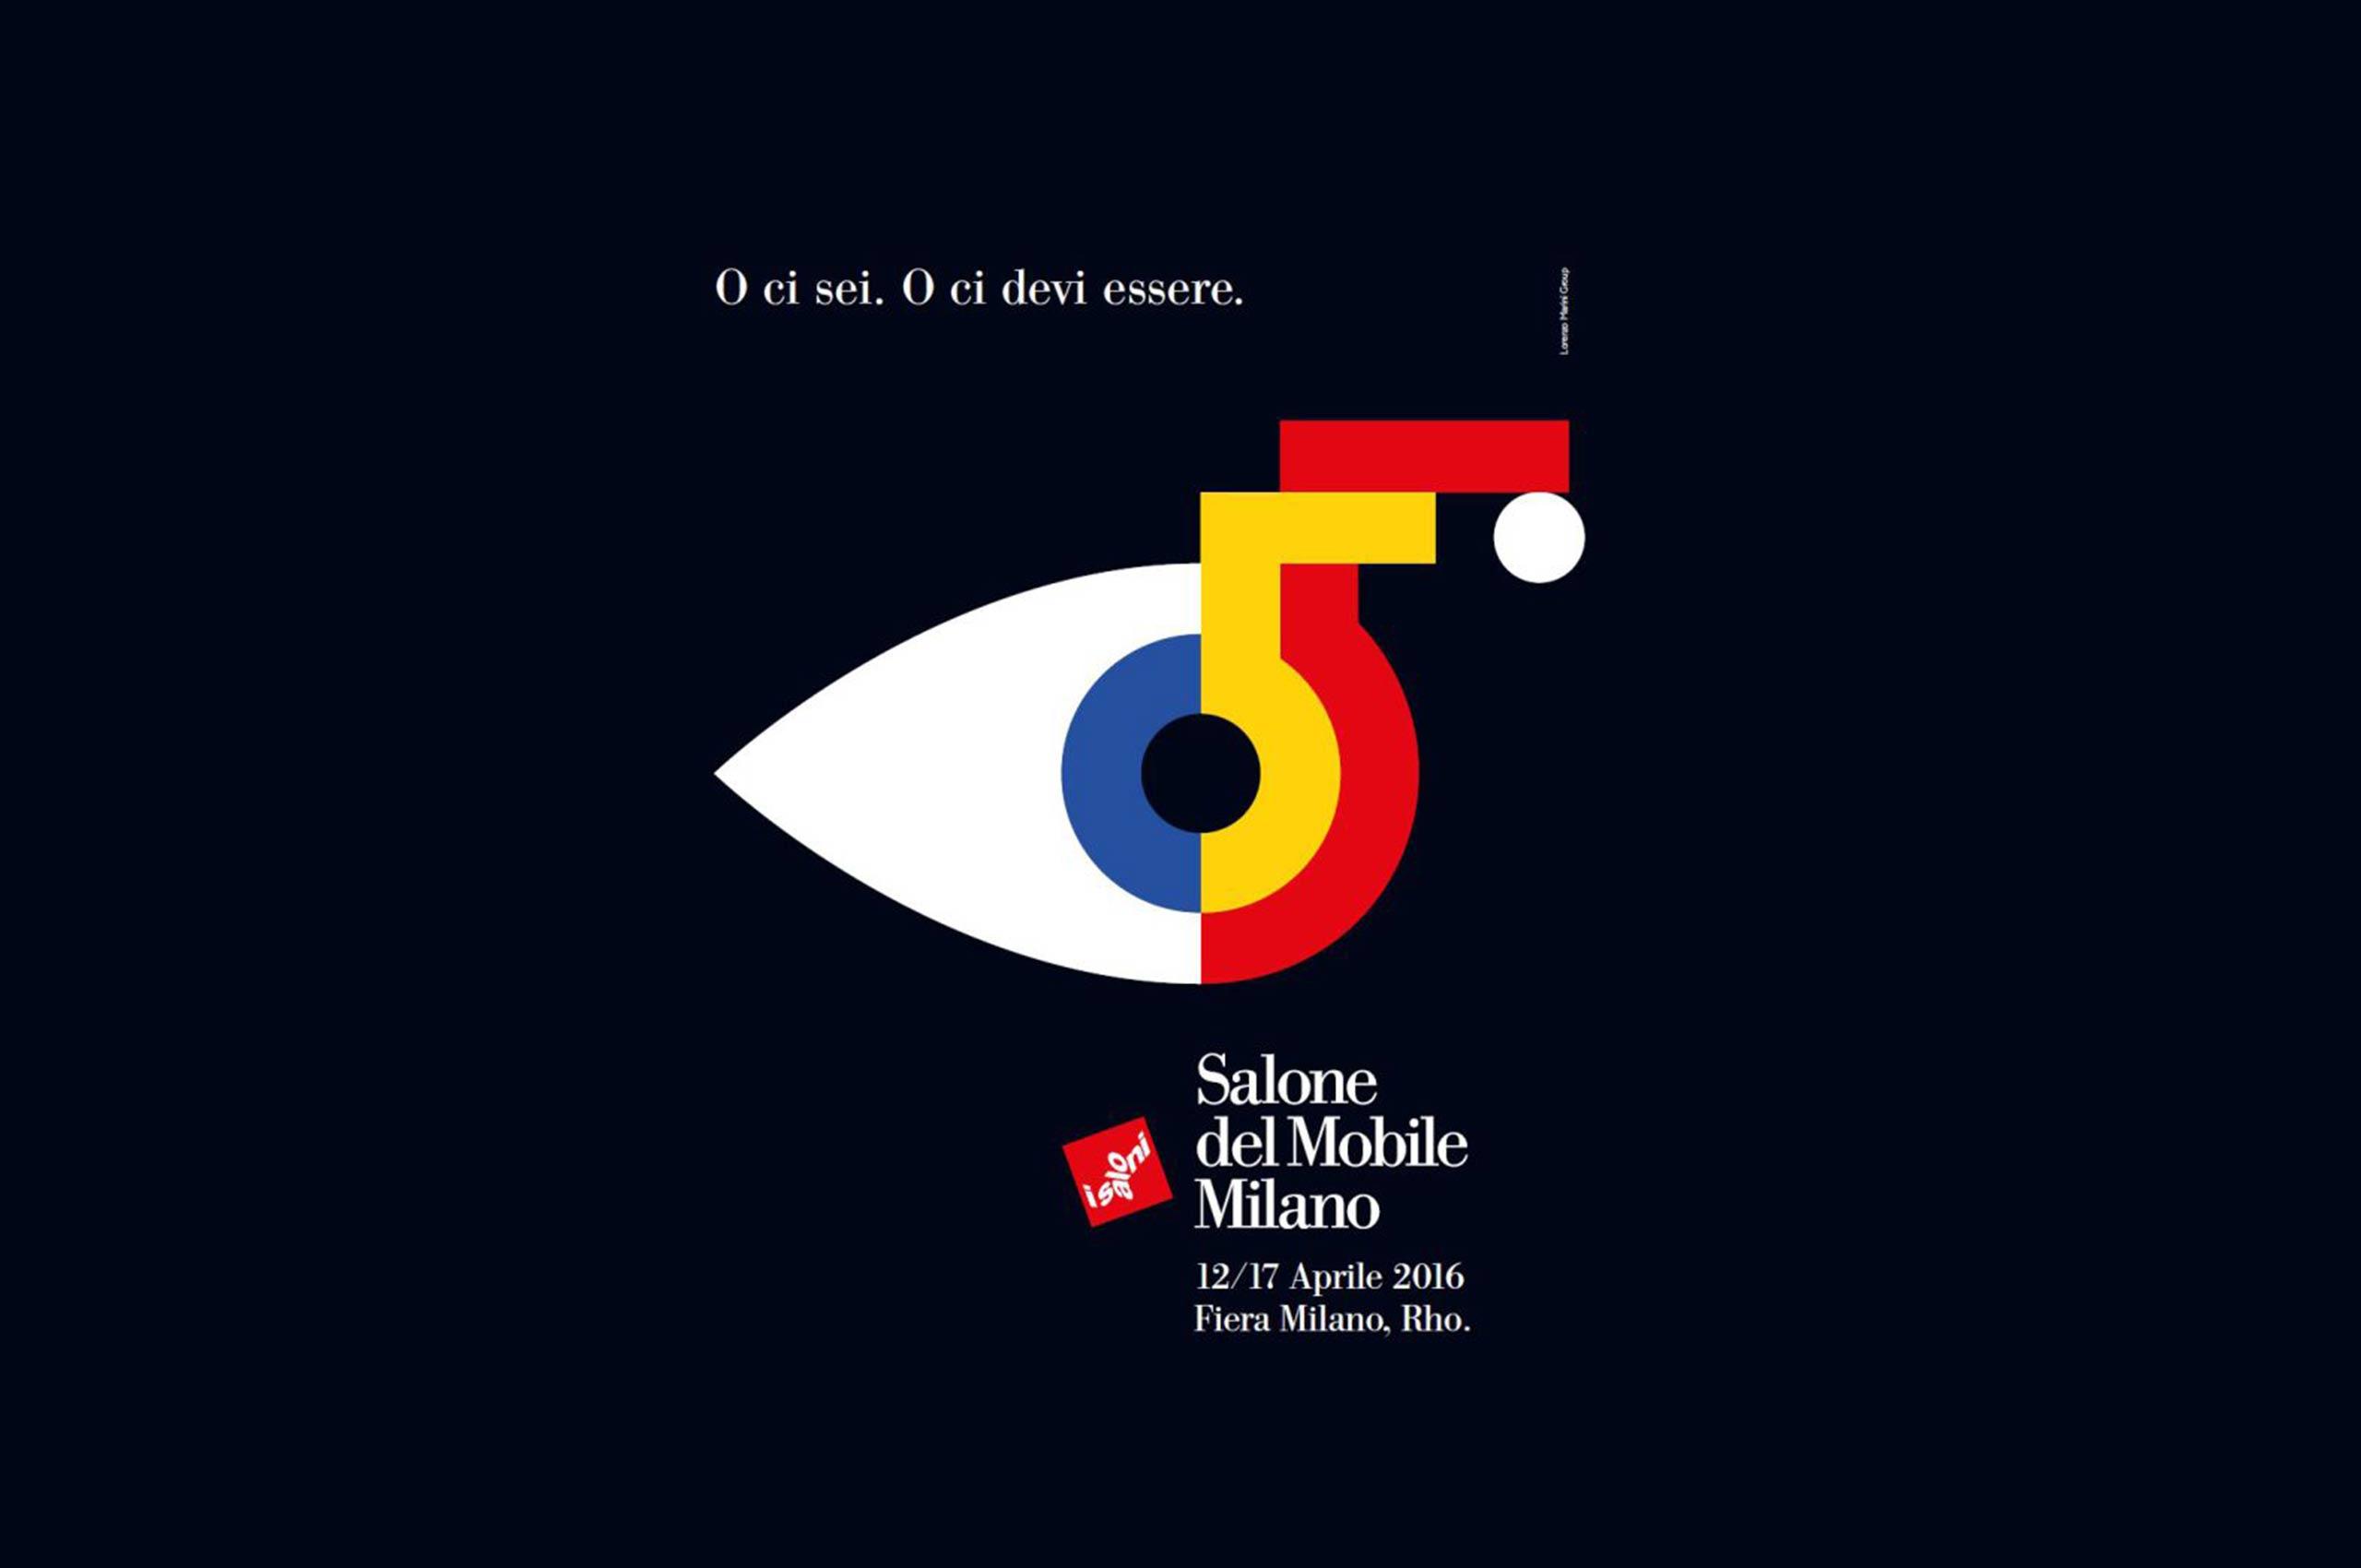 Salone internazionale del mobile di milano 12 17 aprile for Quattro stelle arredamenti surbo